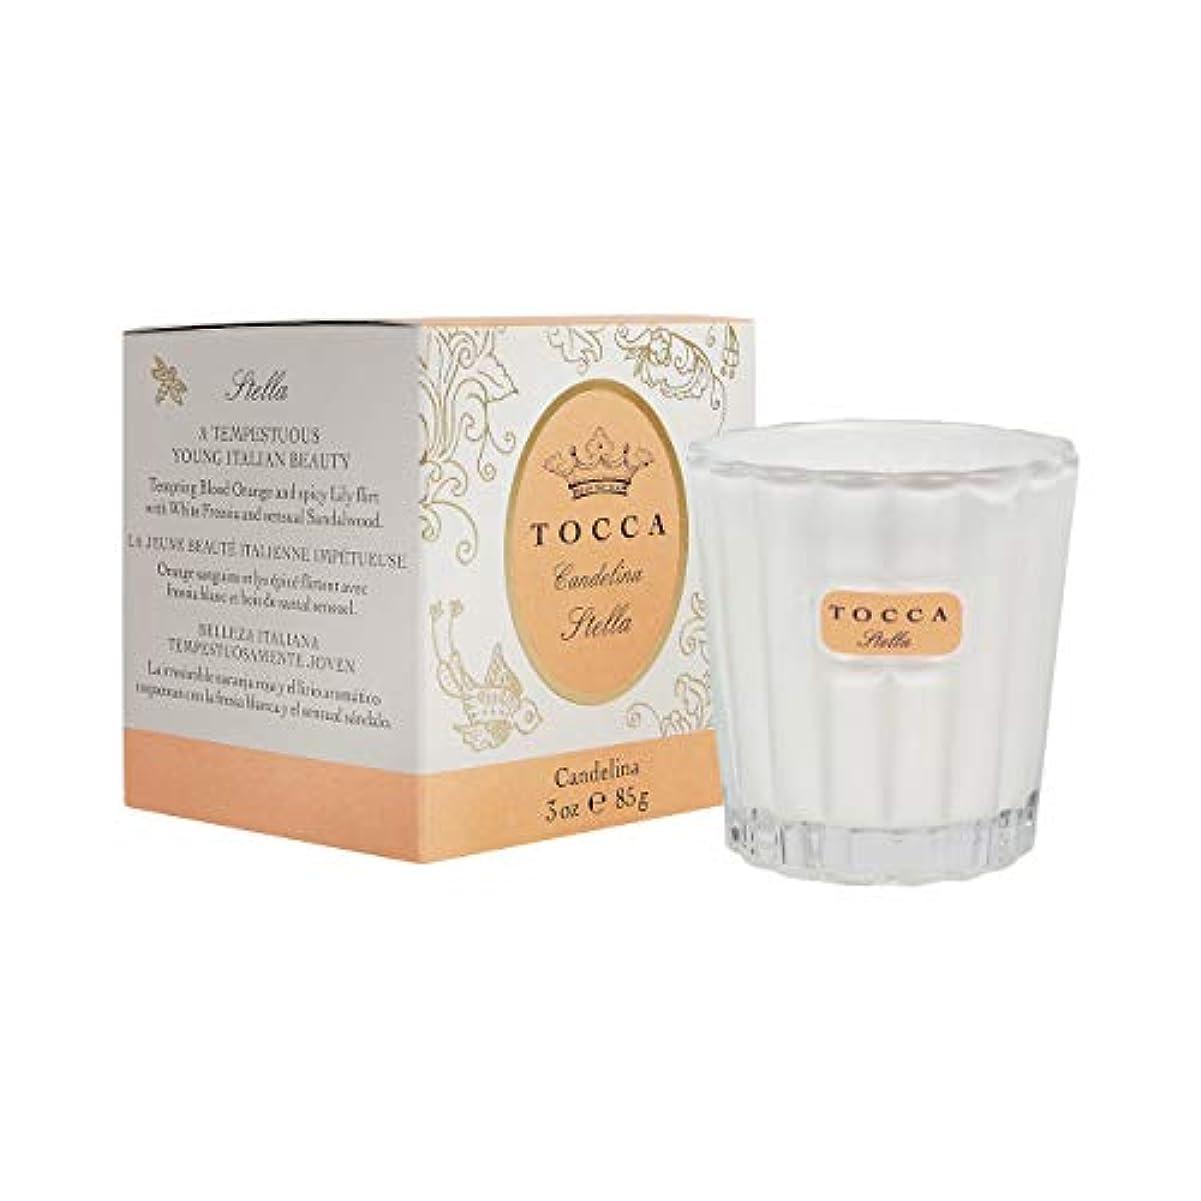 商人富豪先にトッカ(TOCCA) キャンデリーナ ステラの香り 約85g (キャンドル ろうそく フレッシュでビターな香り)